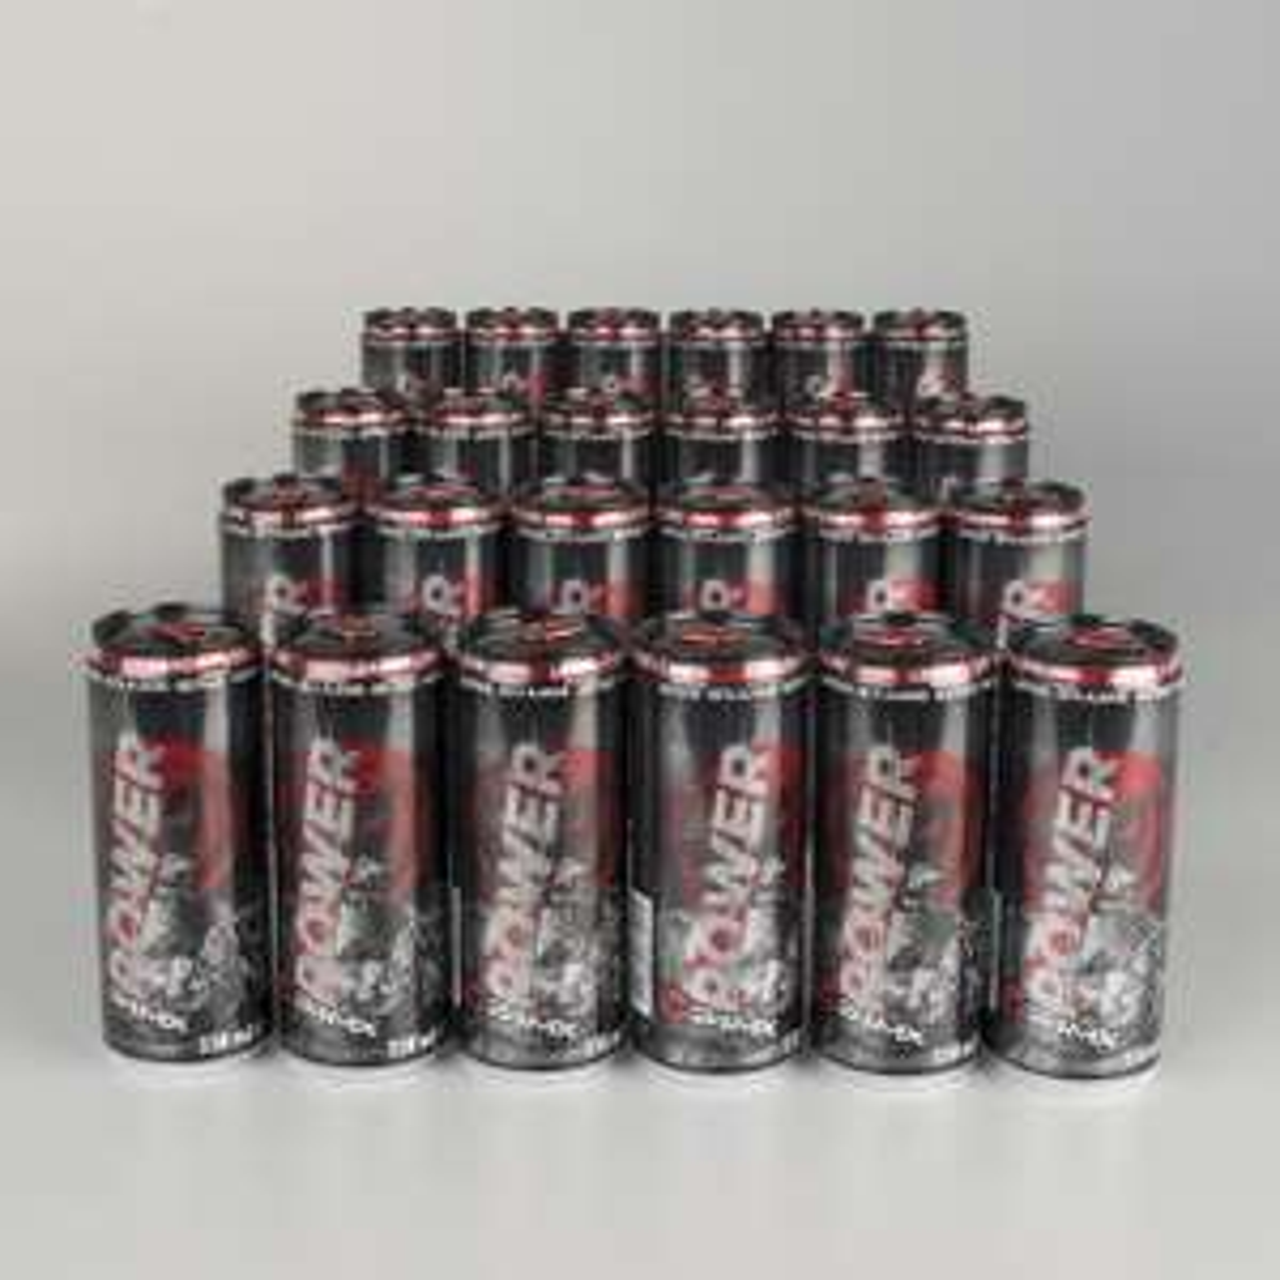 Napój Energetyczny 24MX Power Cytryna/Limonka 24-pak za 44,99zł + wysyłka